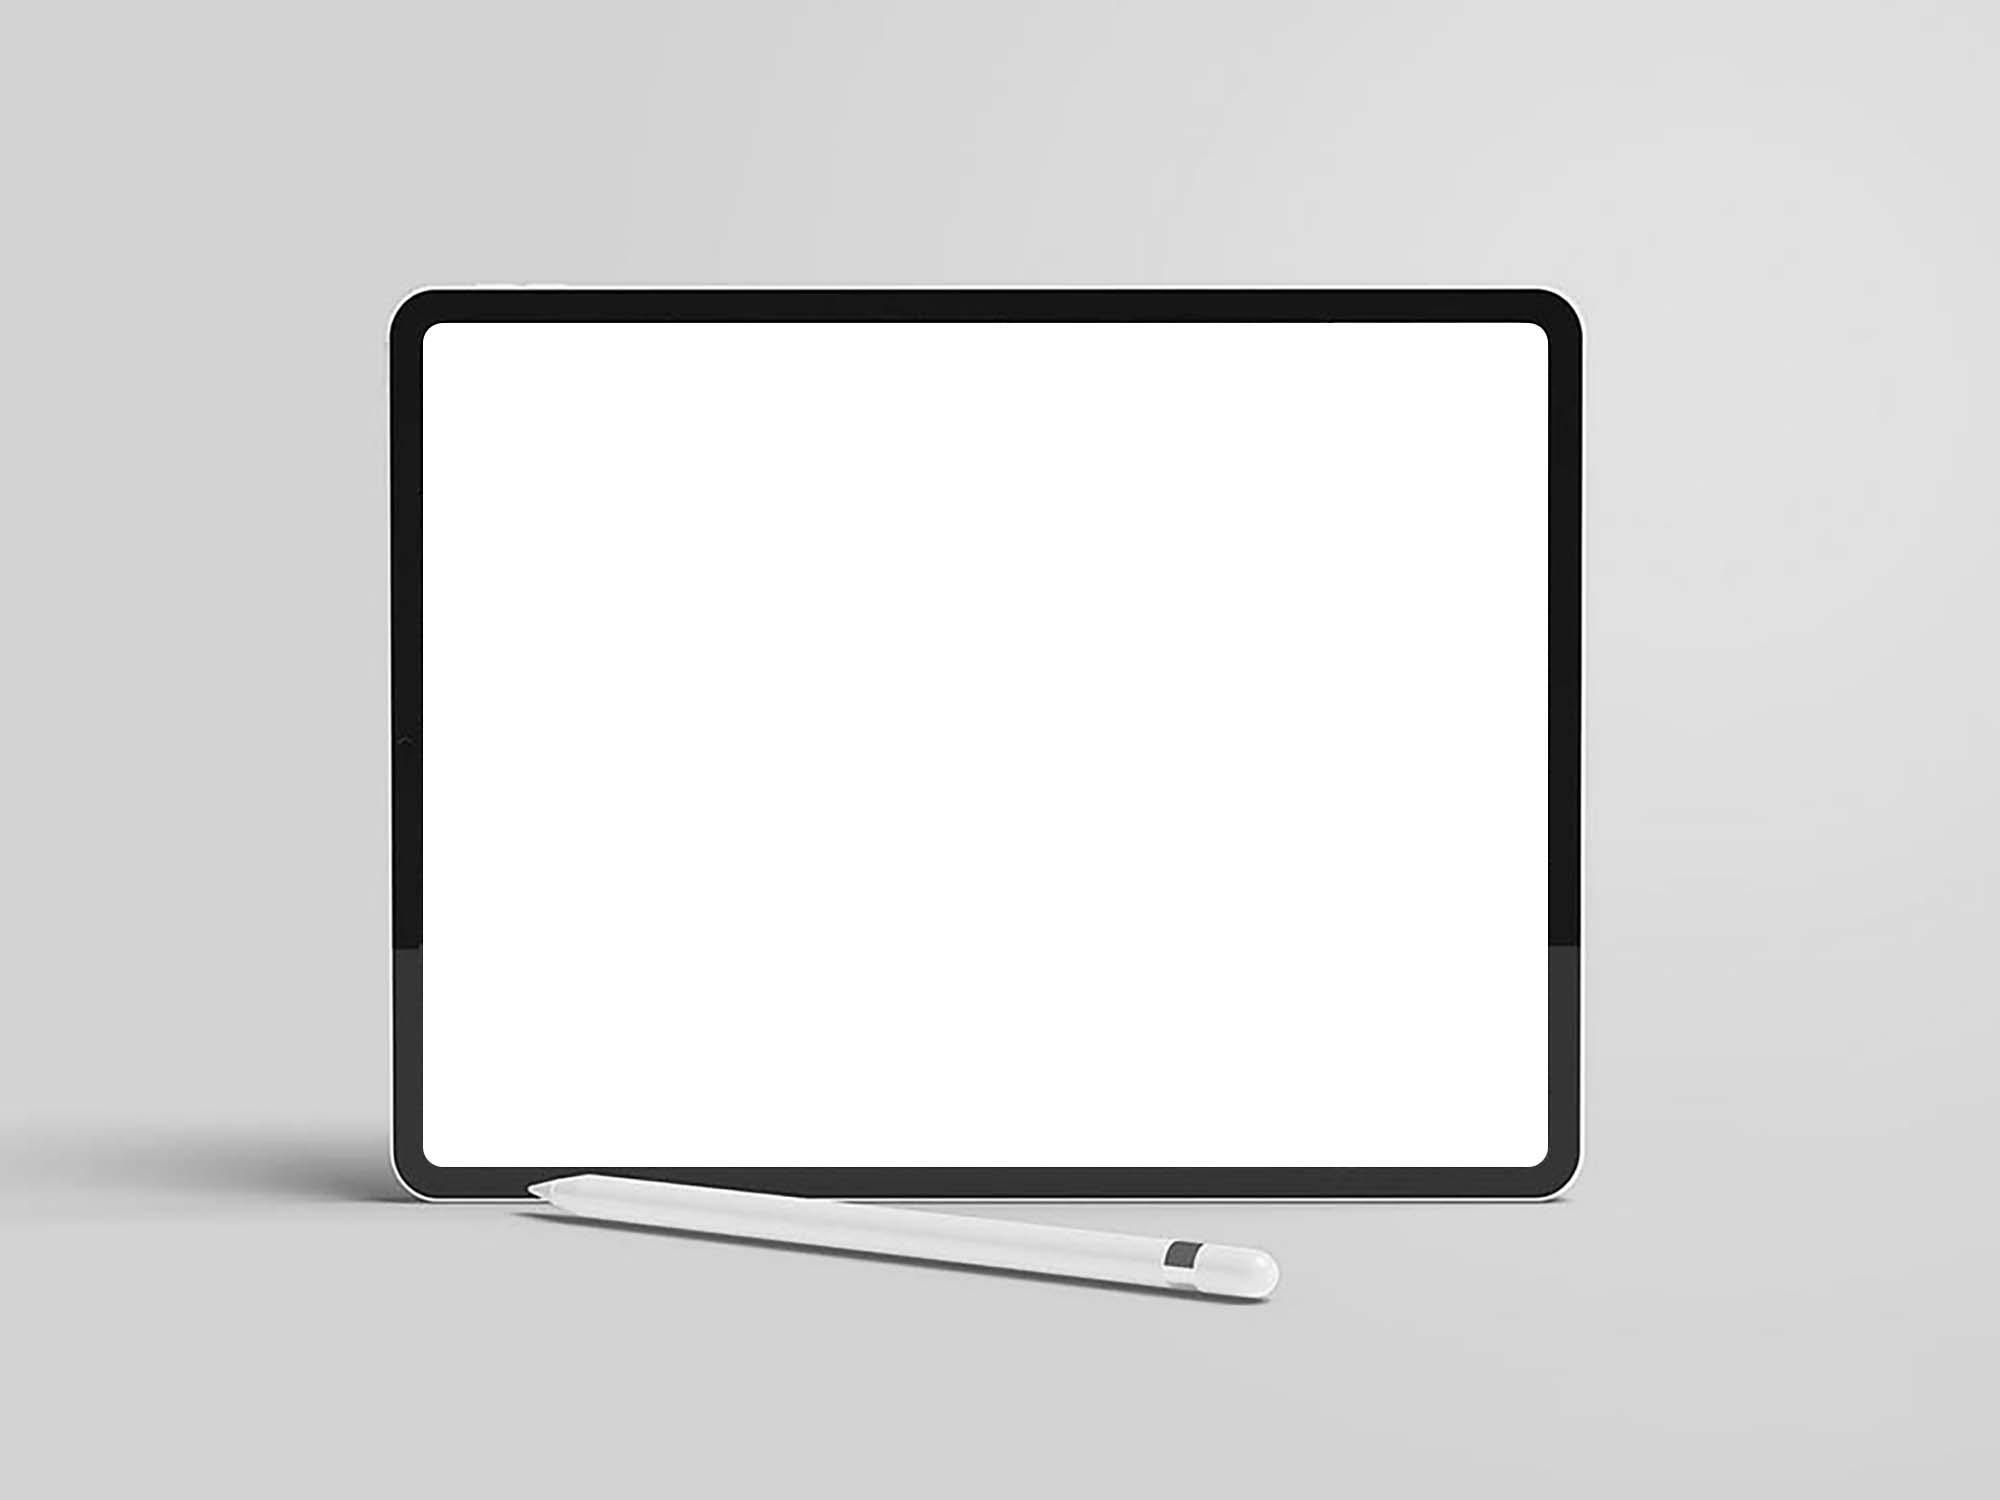 Stylish iPad Mockup 2